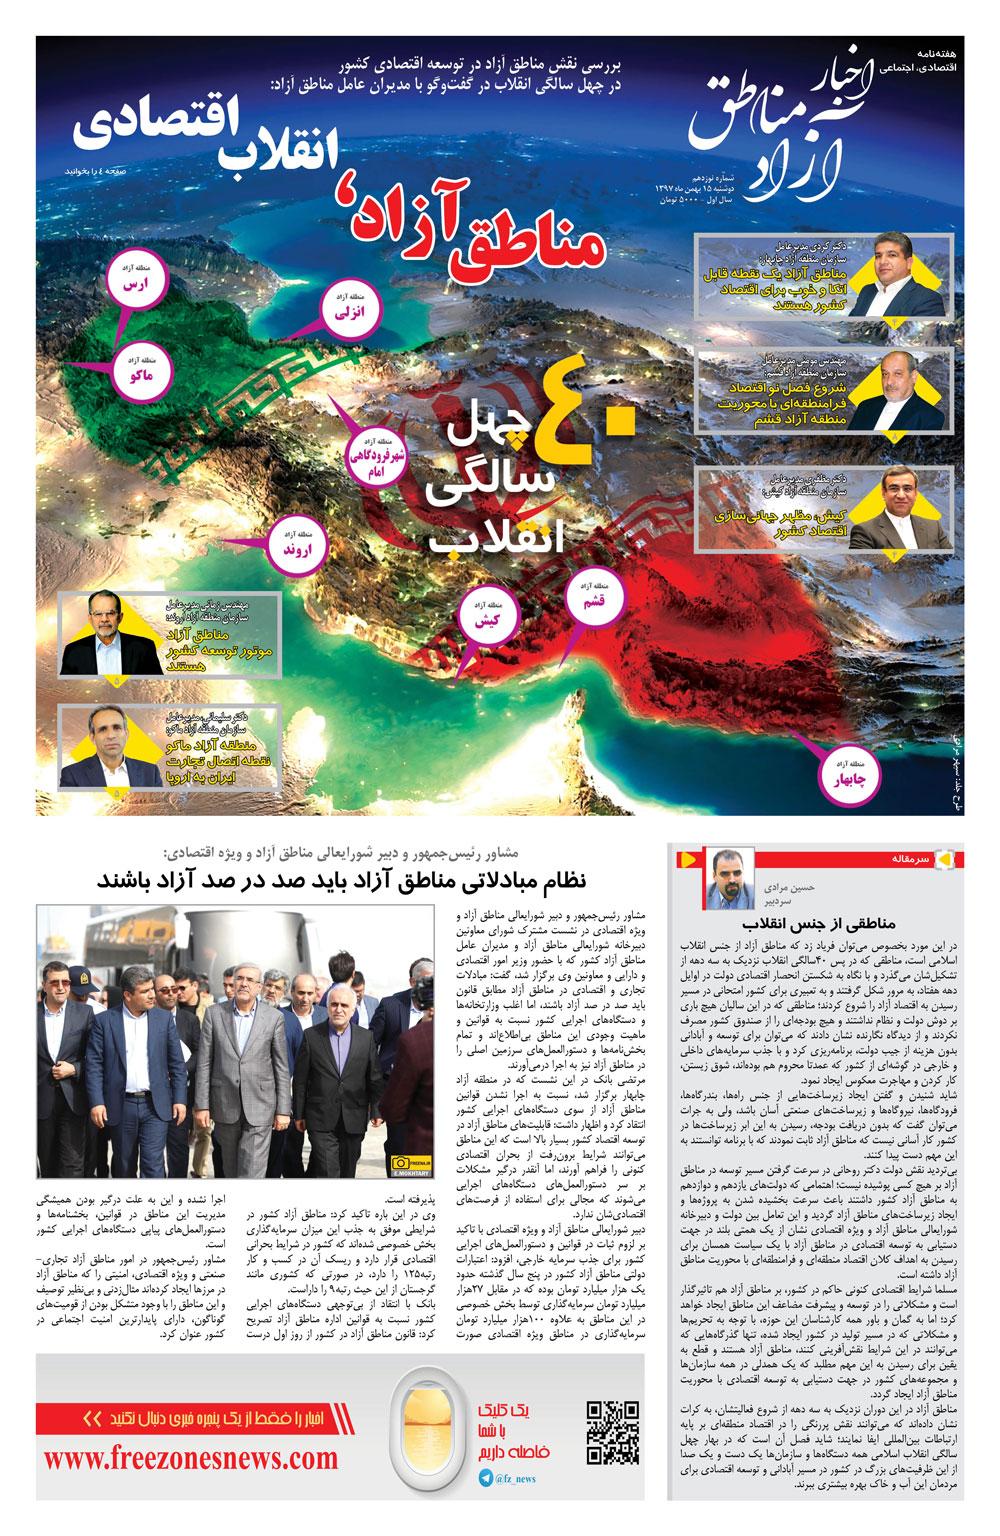 شماره نوزدهم هفته نامه اخبار آزاد مناطق